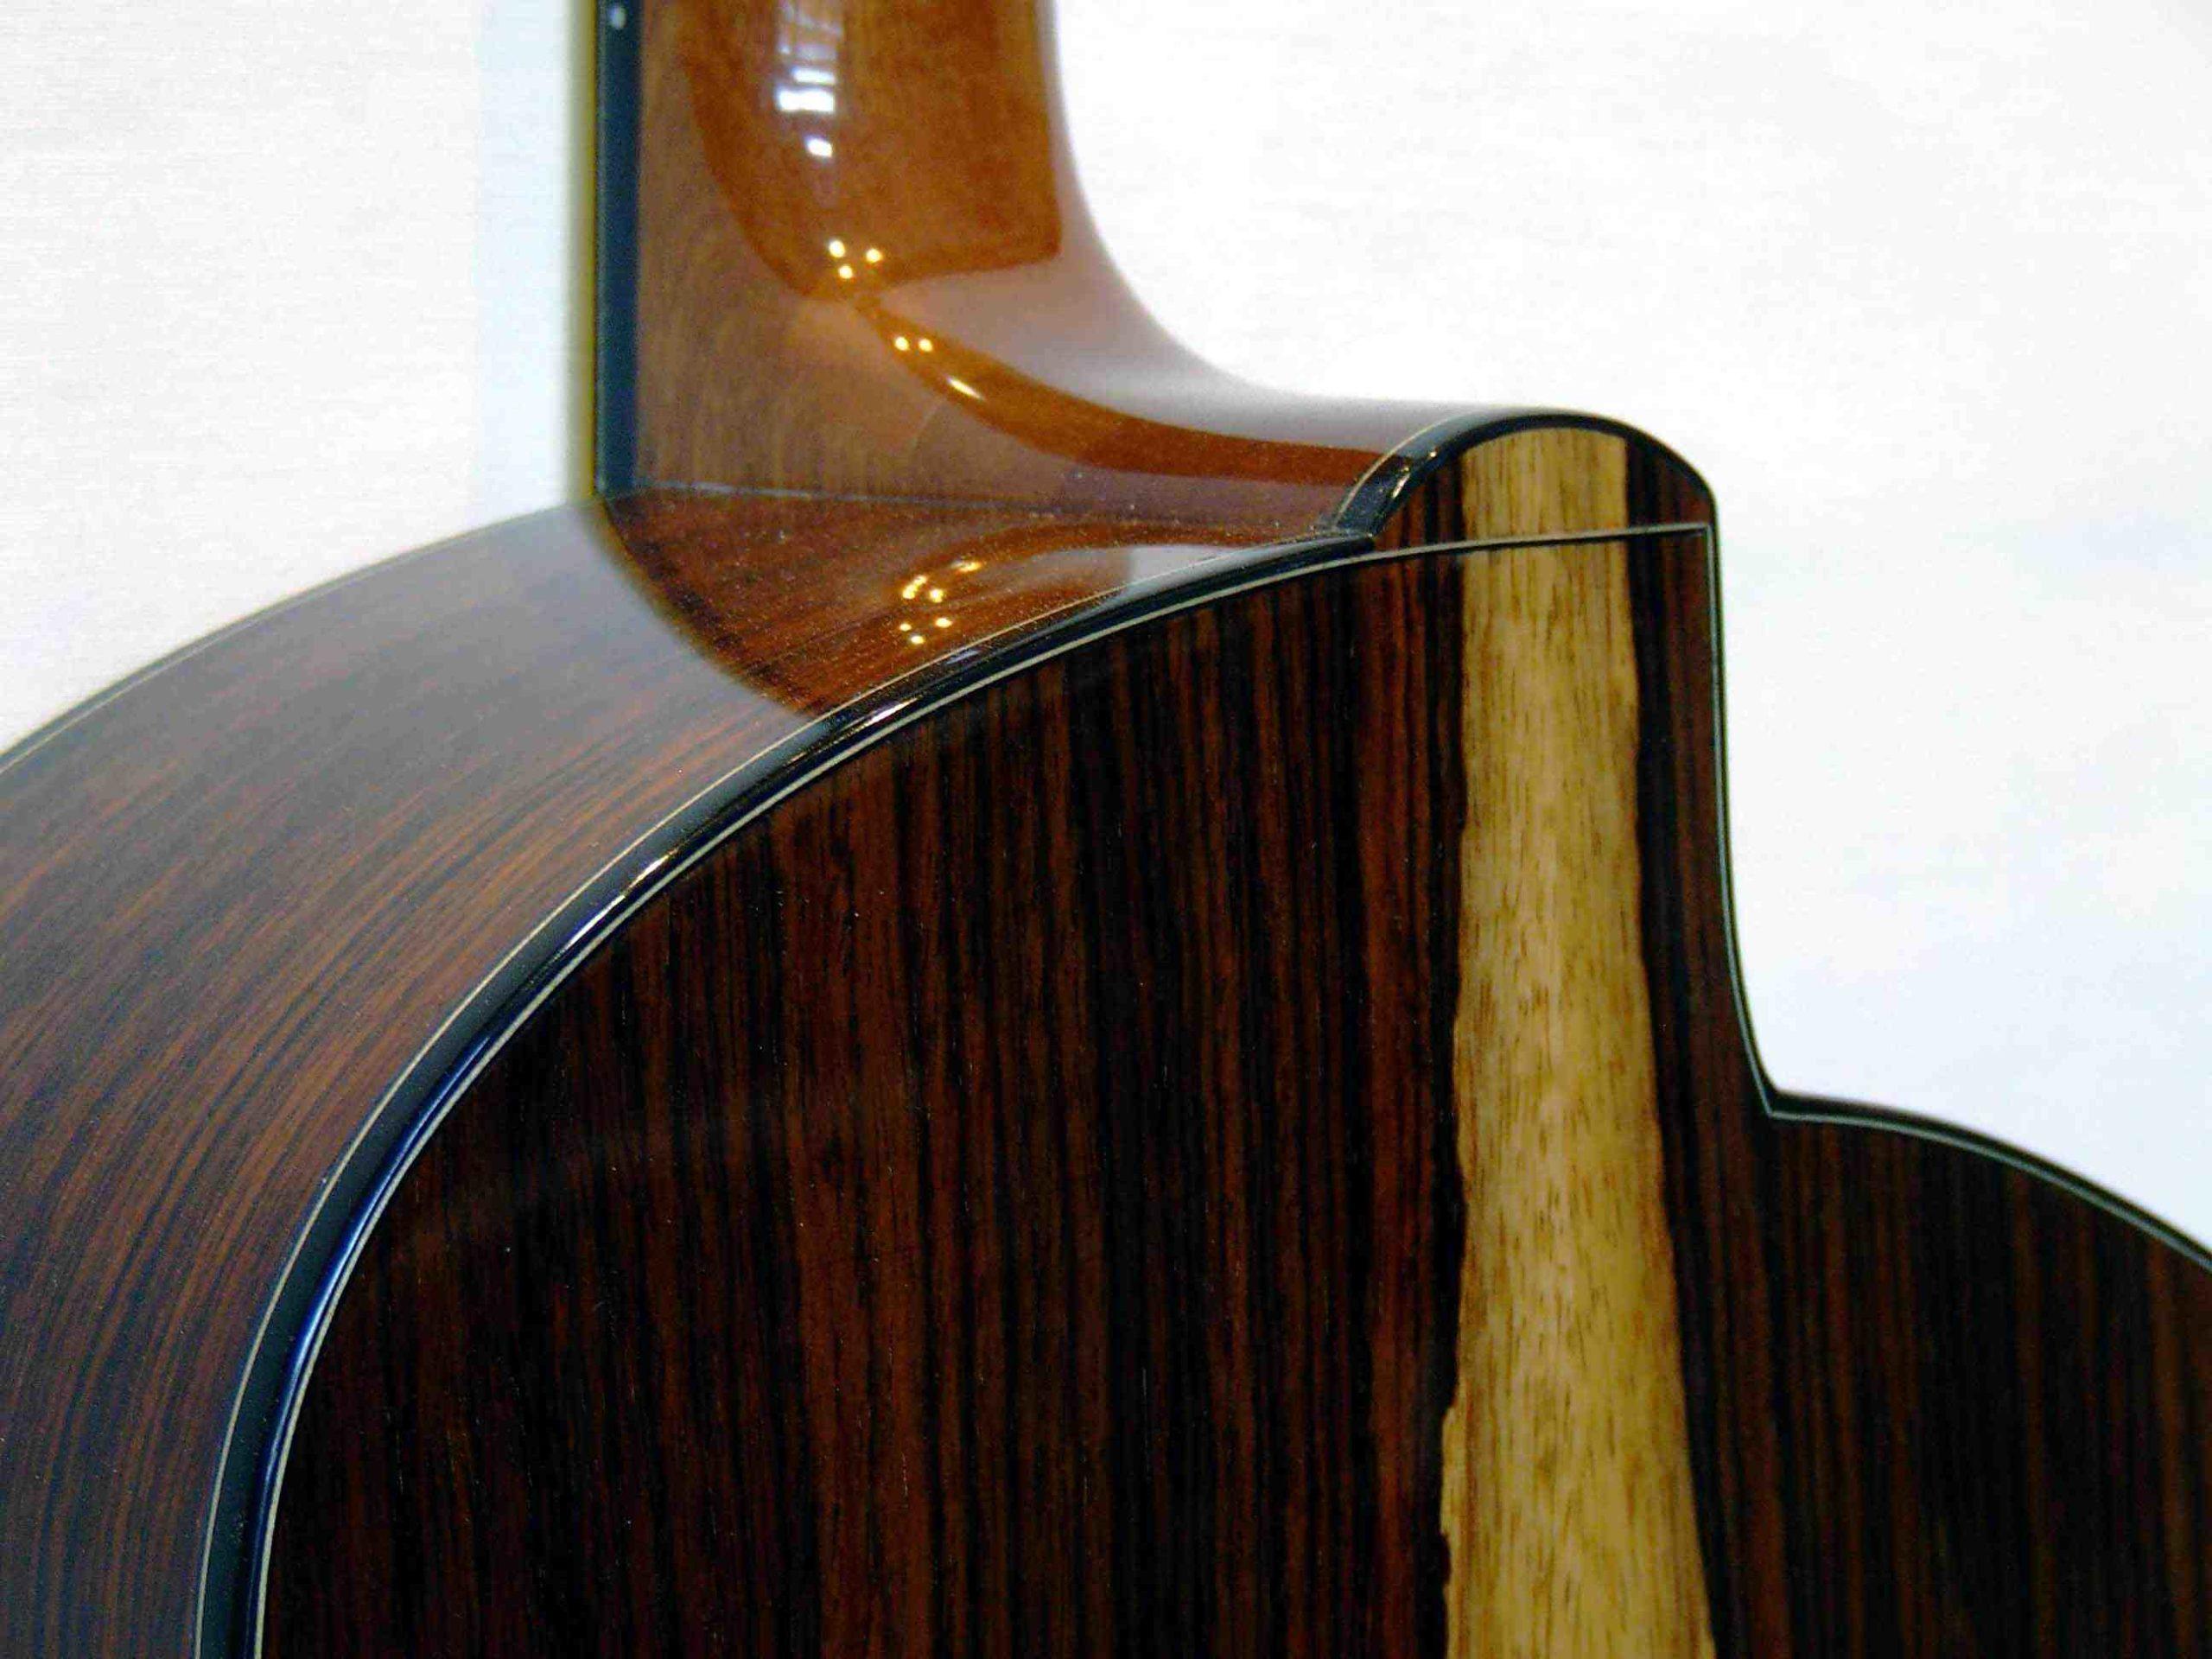 Comment choisissez-vous vos cordes de guitare folk?